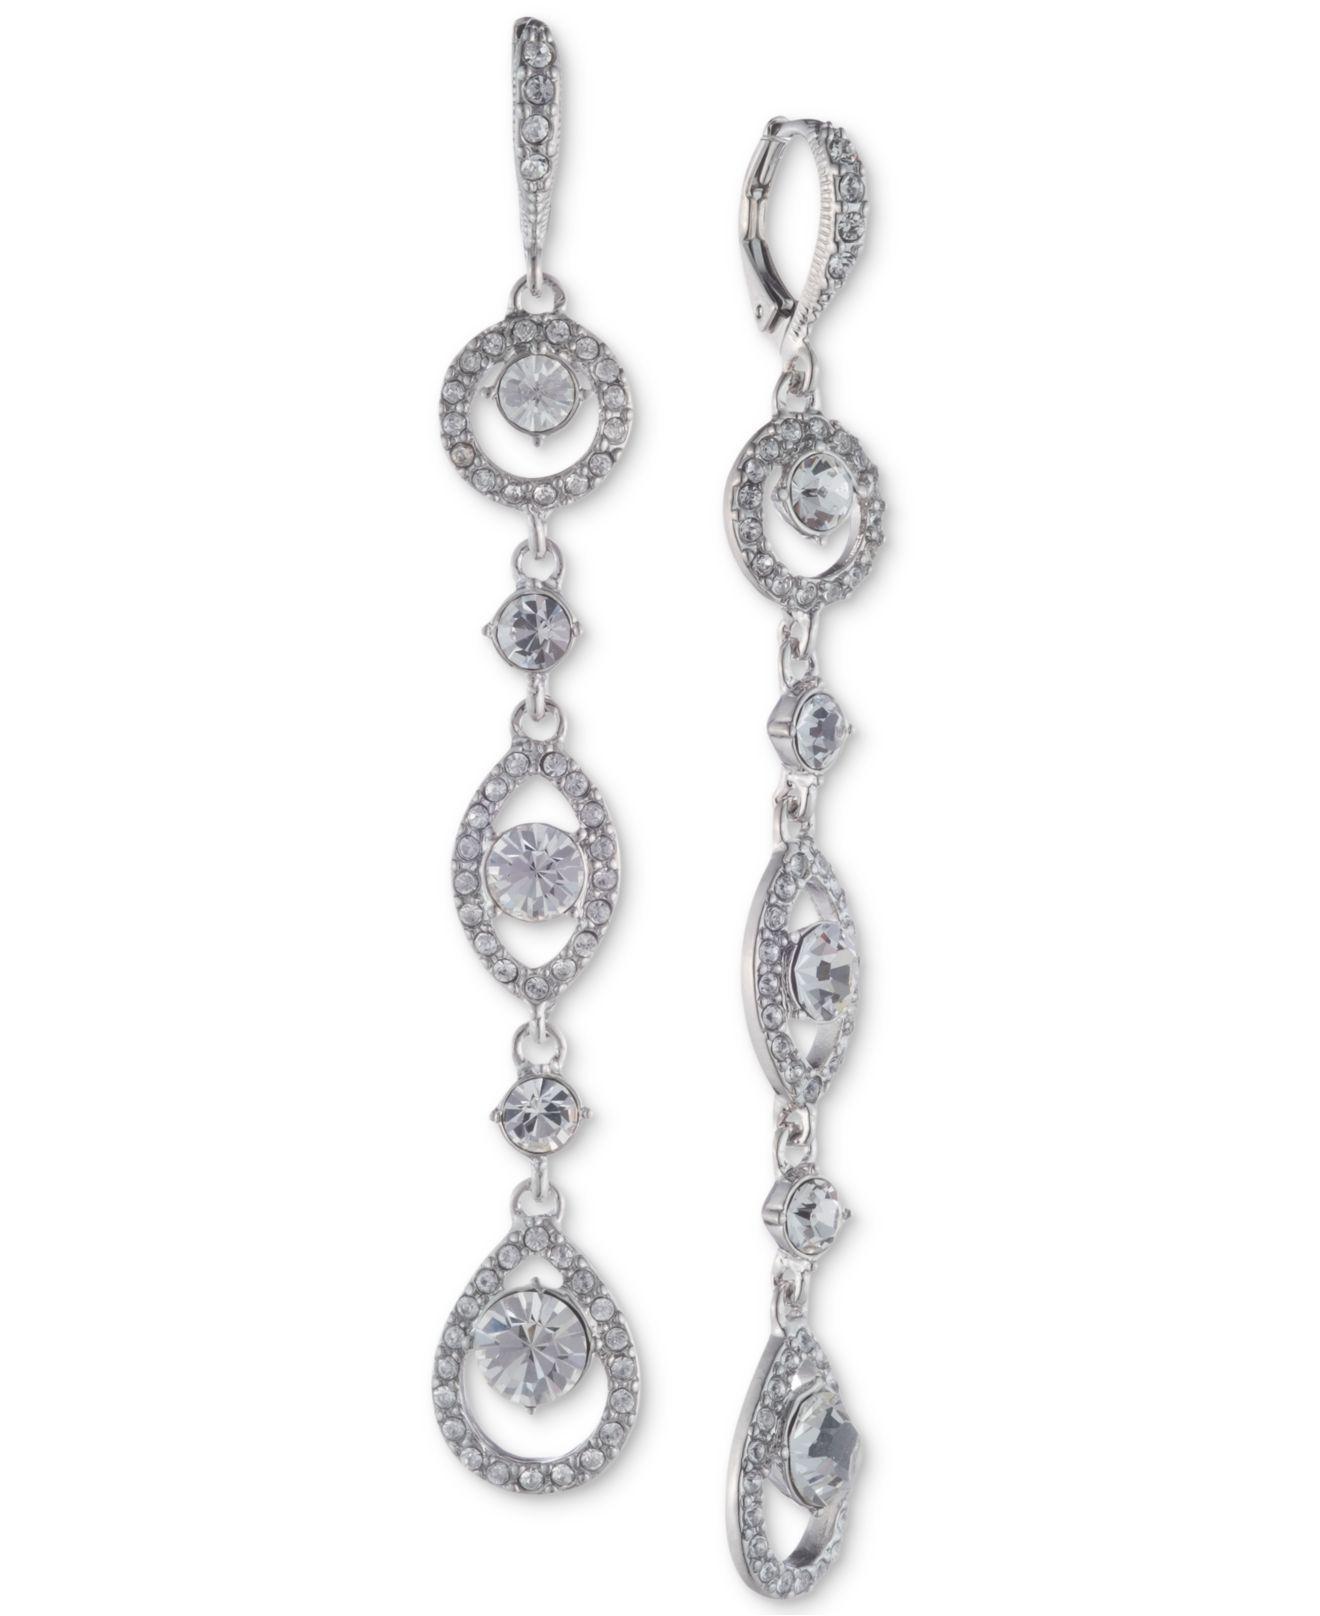 c6e416ae7d92d Women's Crystal Linear Drop Earrings